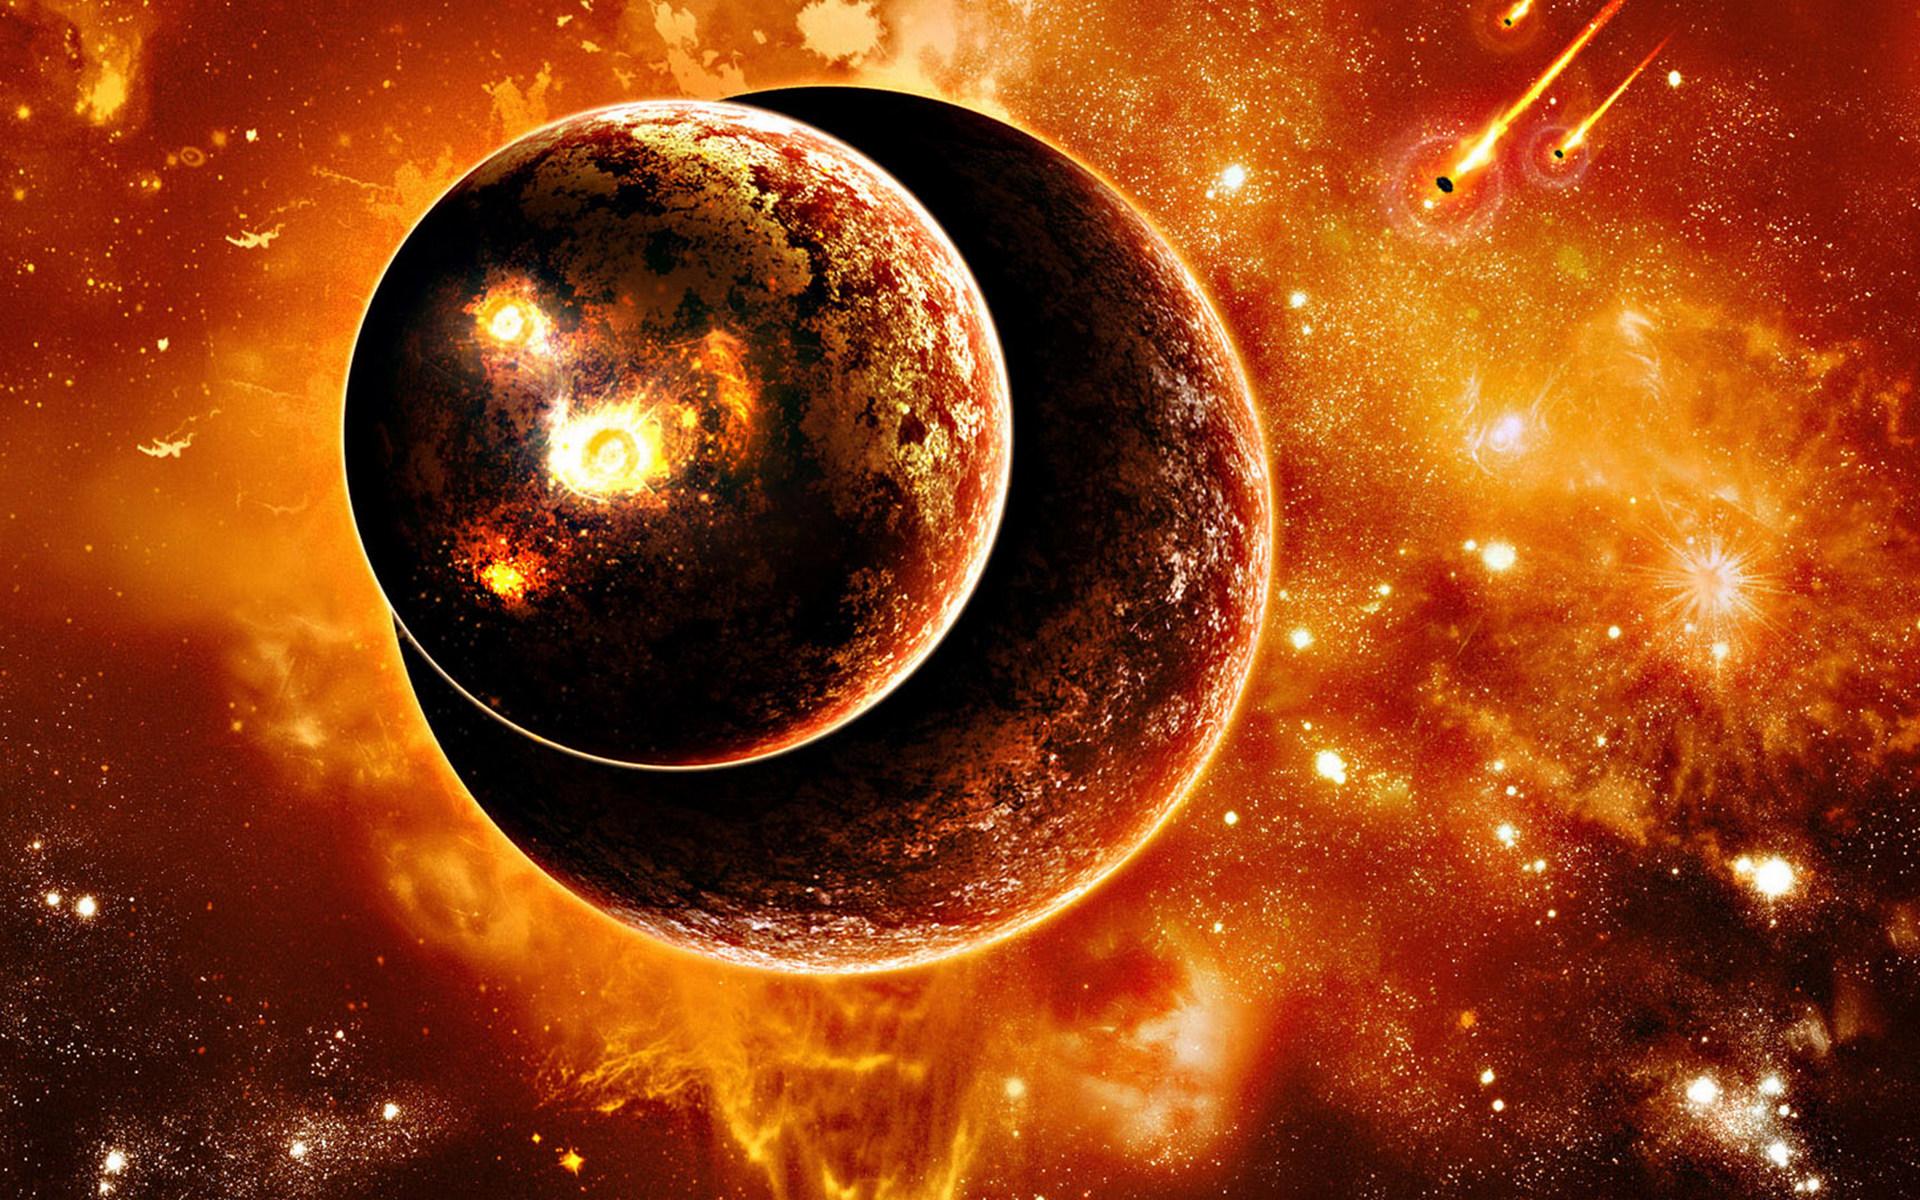 Обои Горячая планета картинки на рабочий стол на тему Космос - скачать загрузить